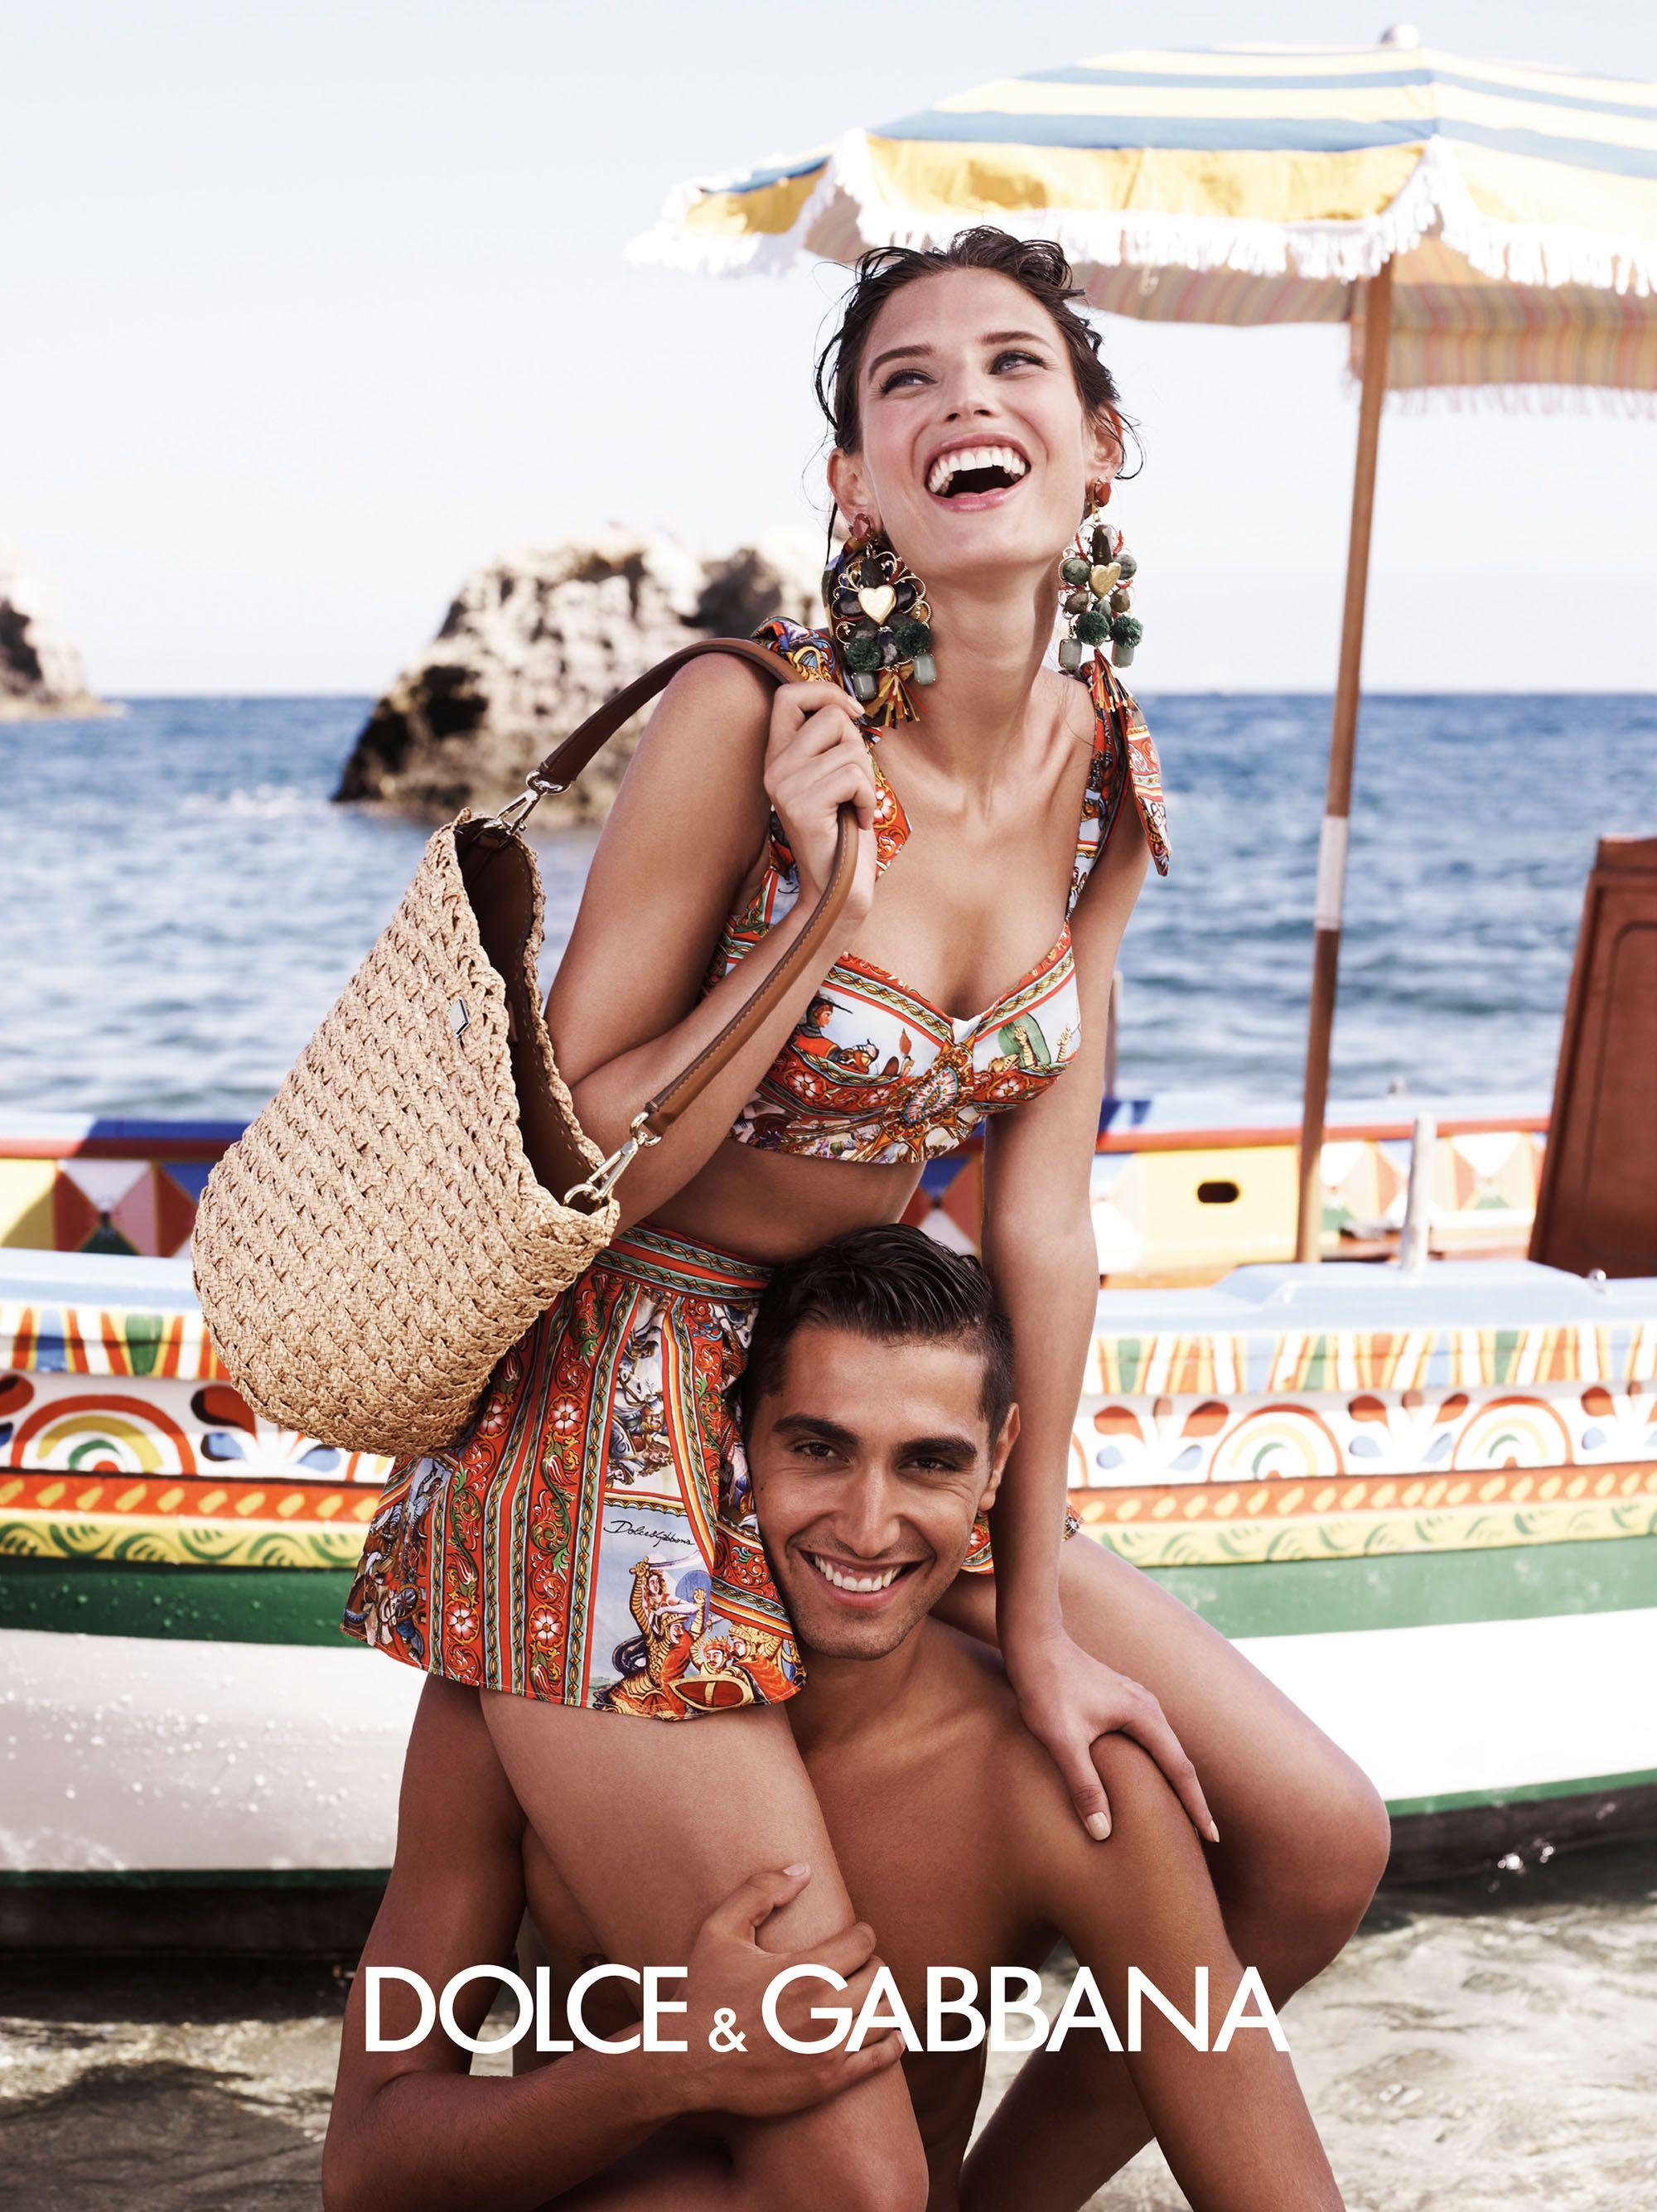 Dolce & Gabbana Ad Campaign 2013